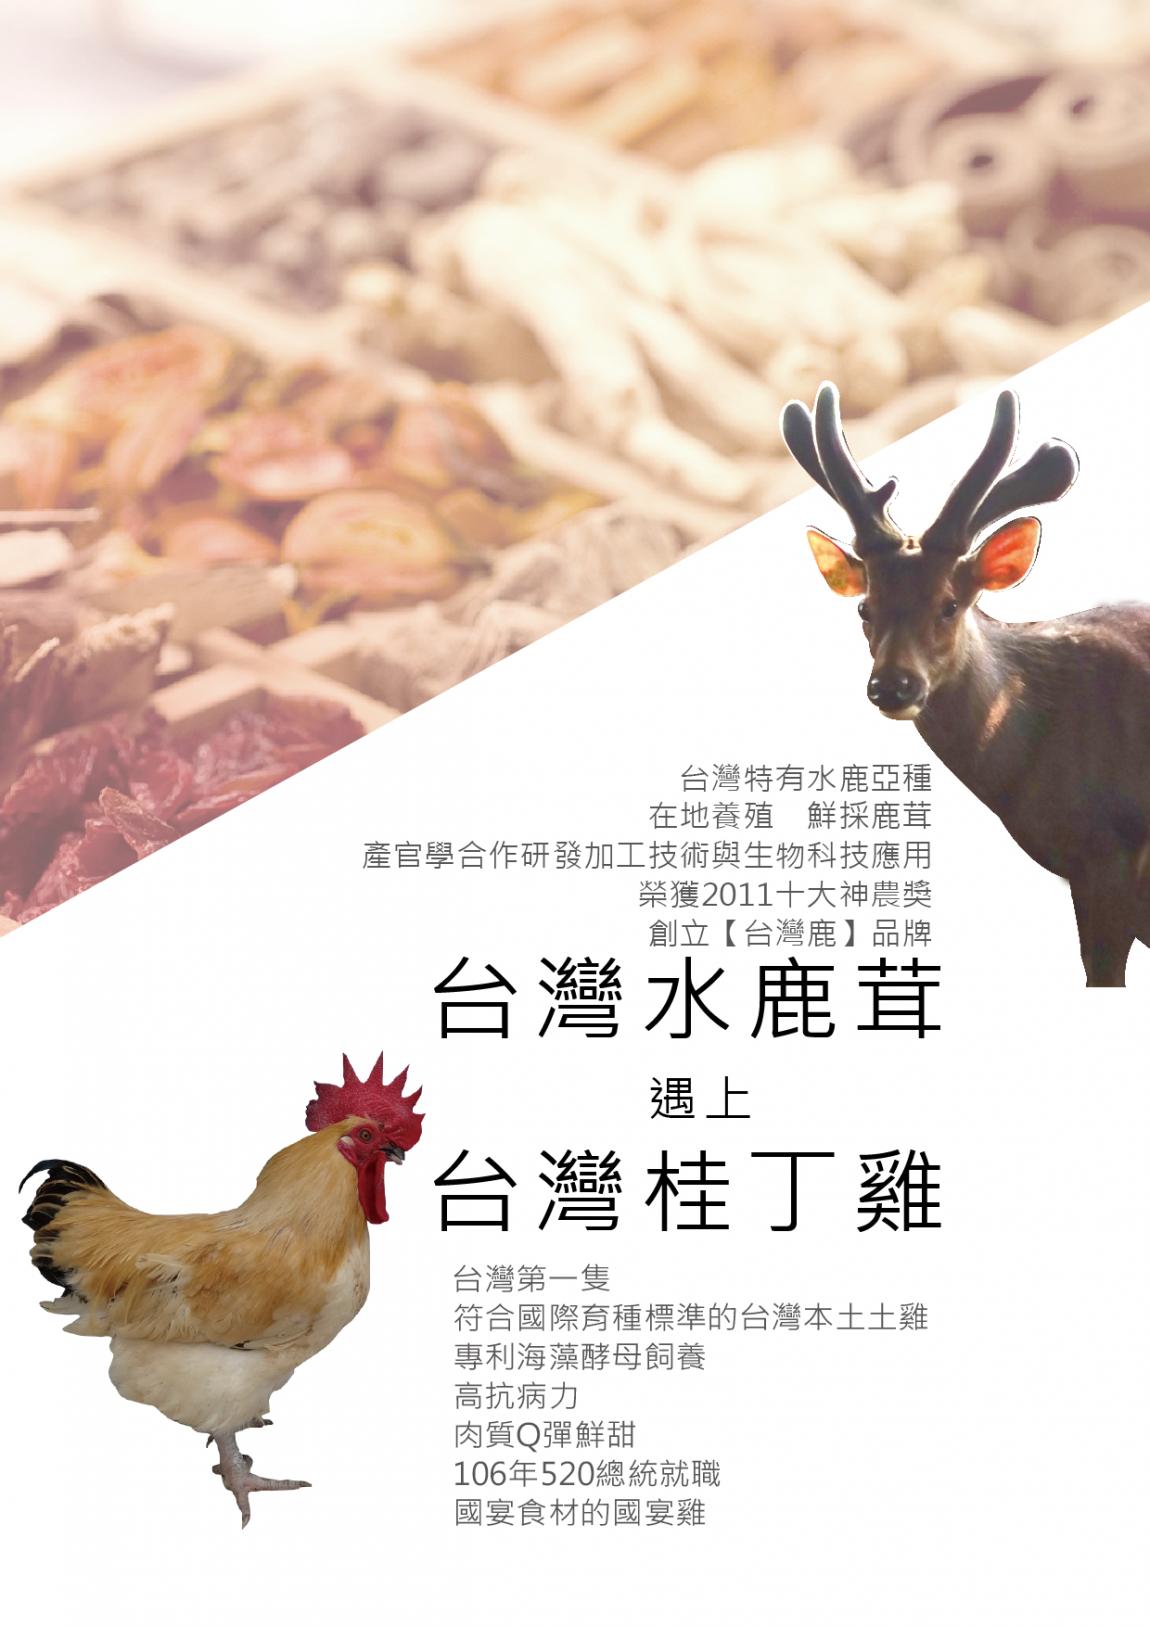 鹿茸土雞二版-01-01